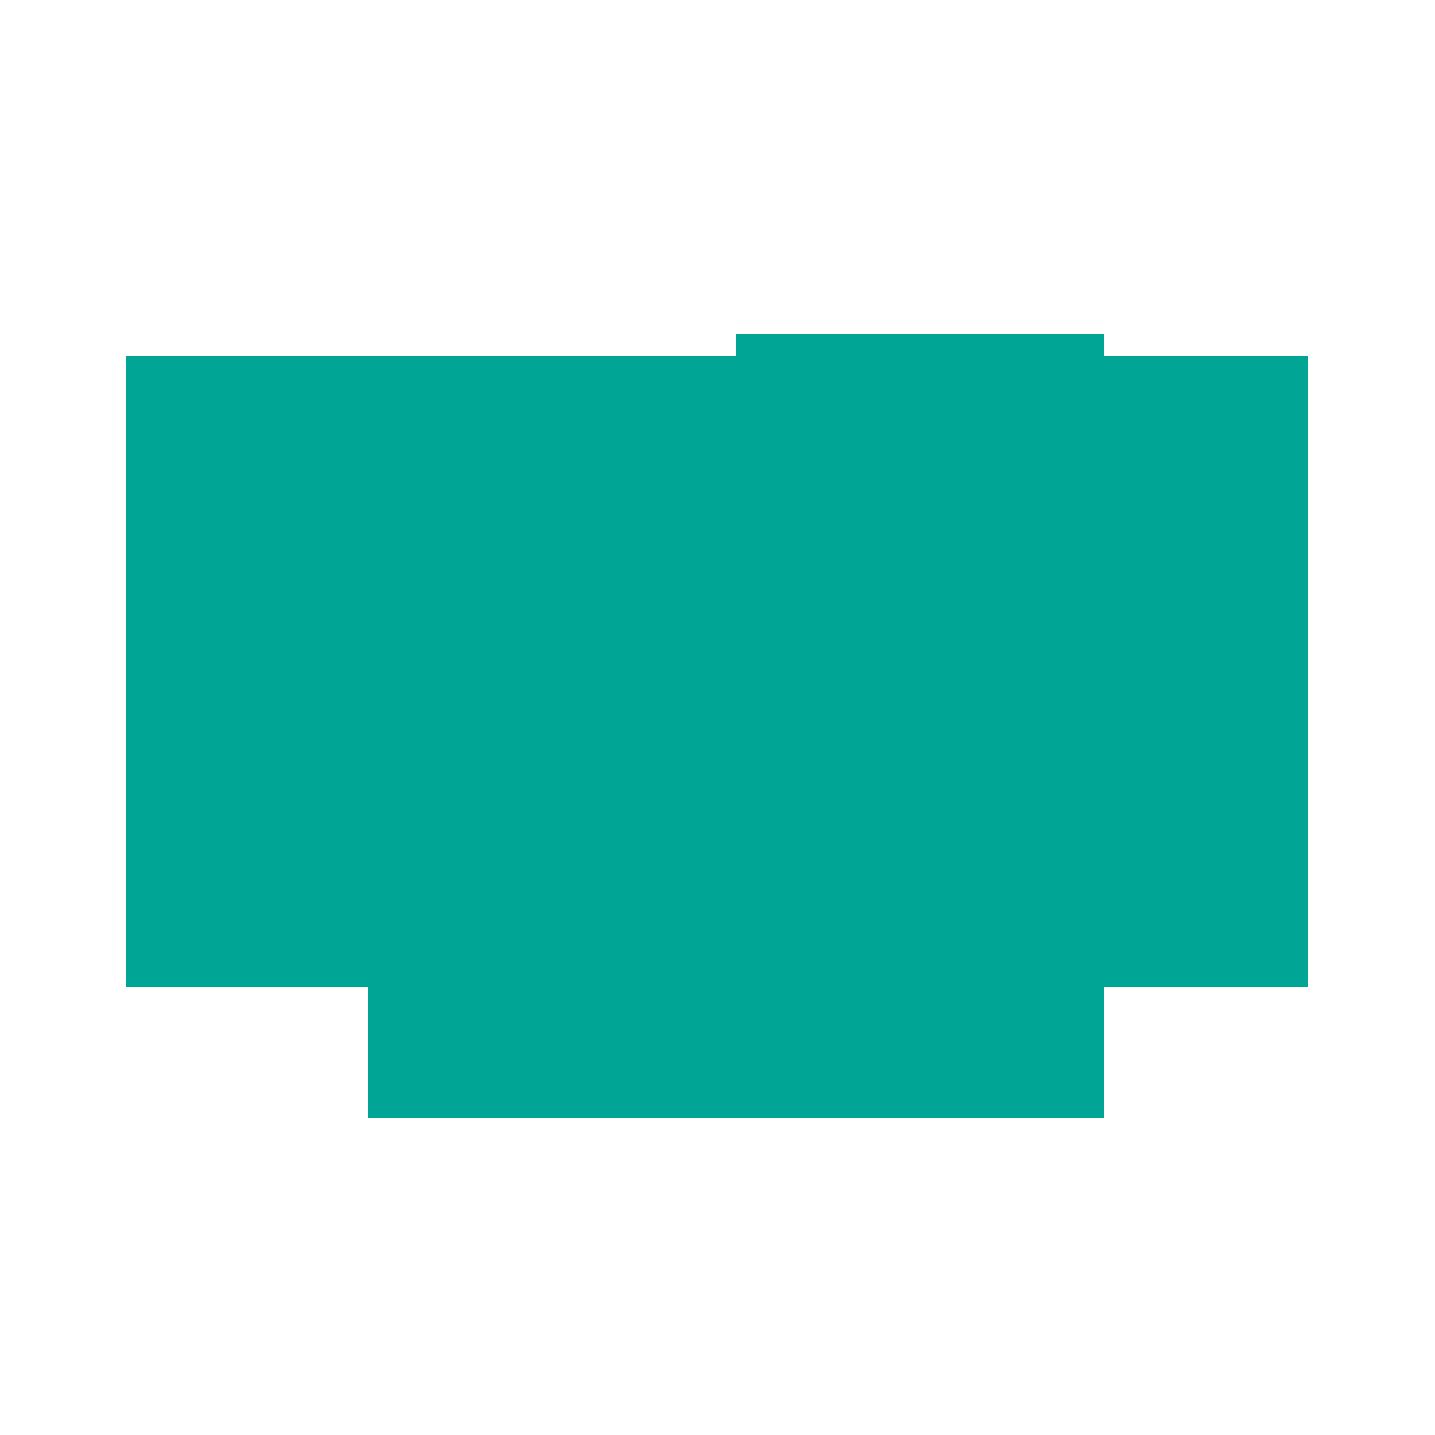 milis透明ロゴ